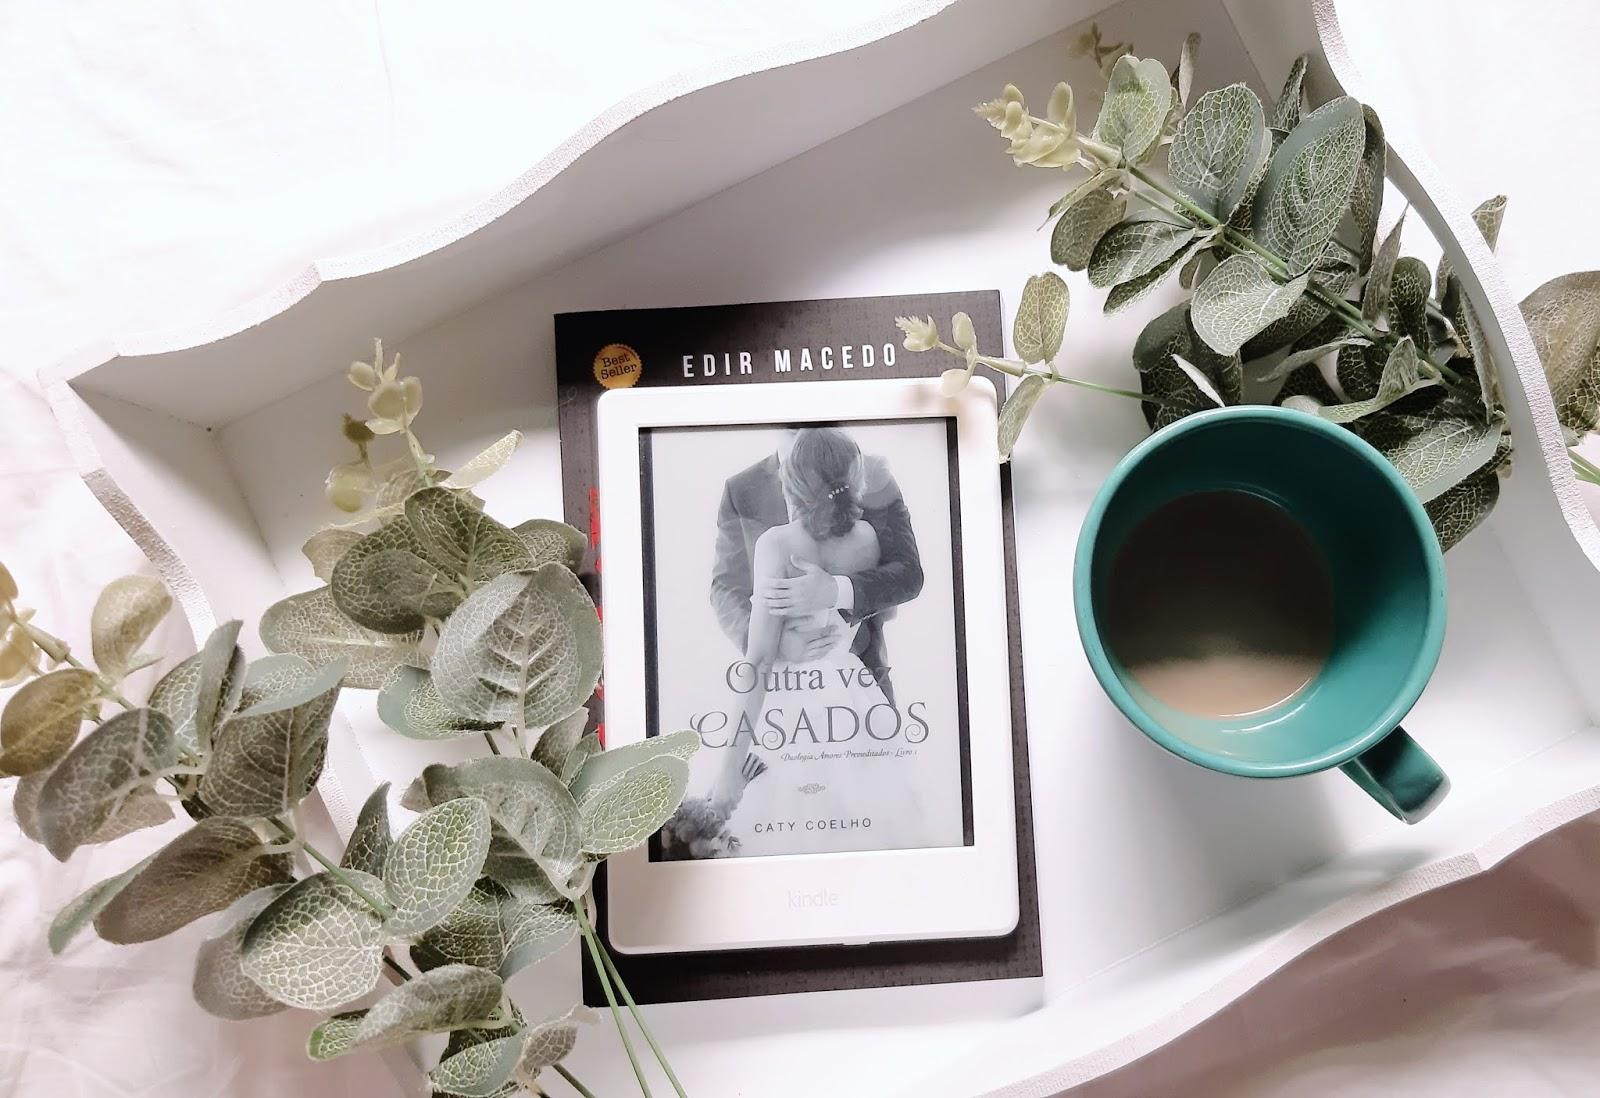 Outra vez casados - Caty Coelho | Resenha